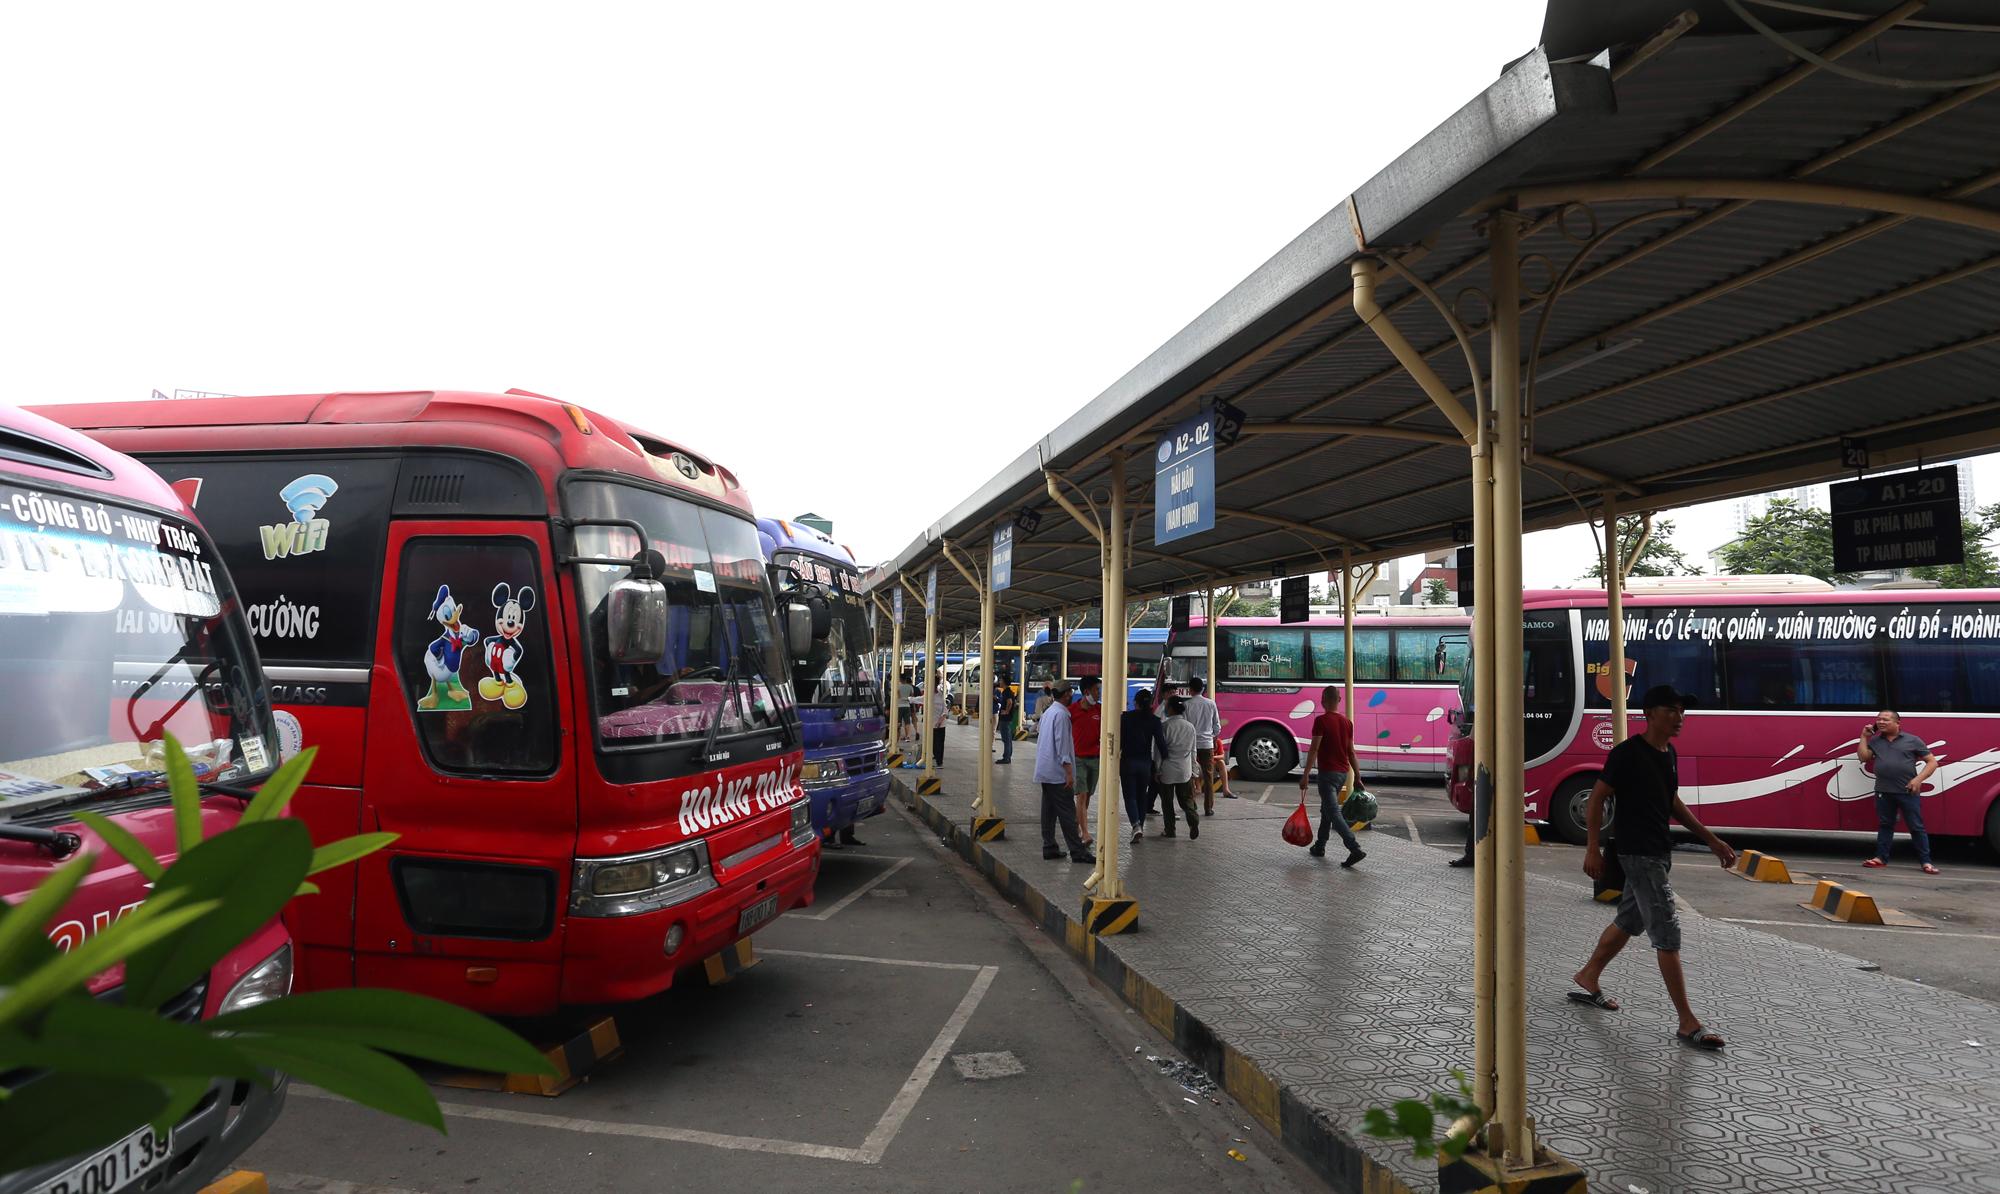 Vận tải khách trở lại bình thường, bến xe ở Hà Nội vẫn vắng vẻ - Ảnh 1.